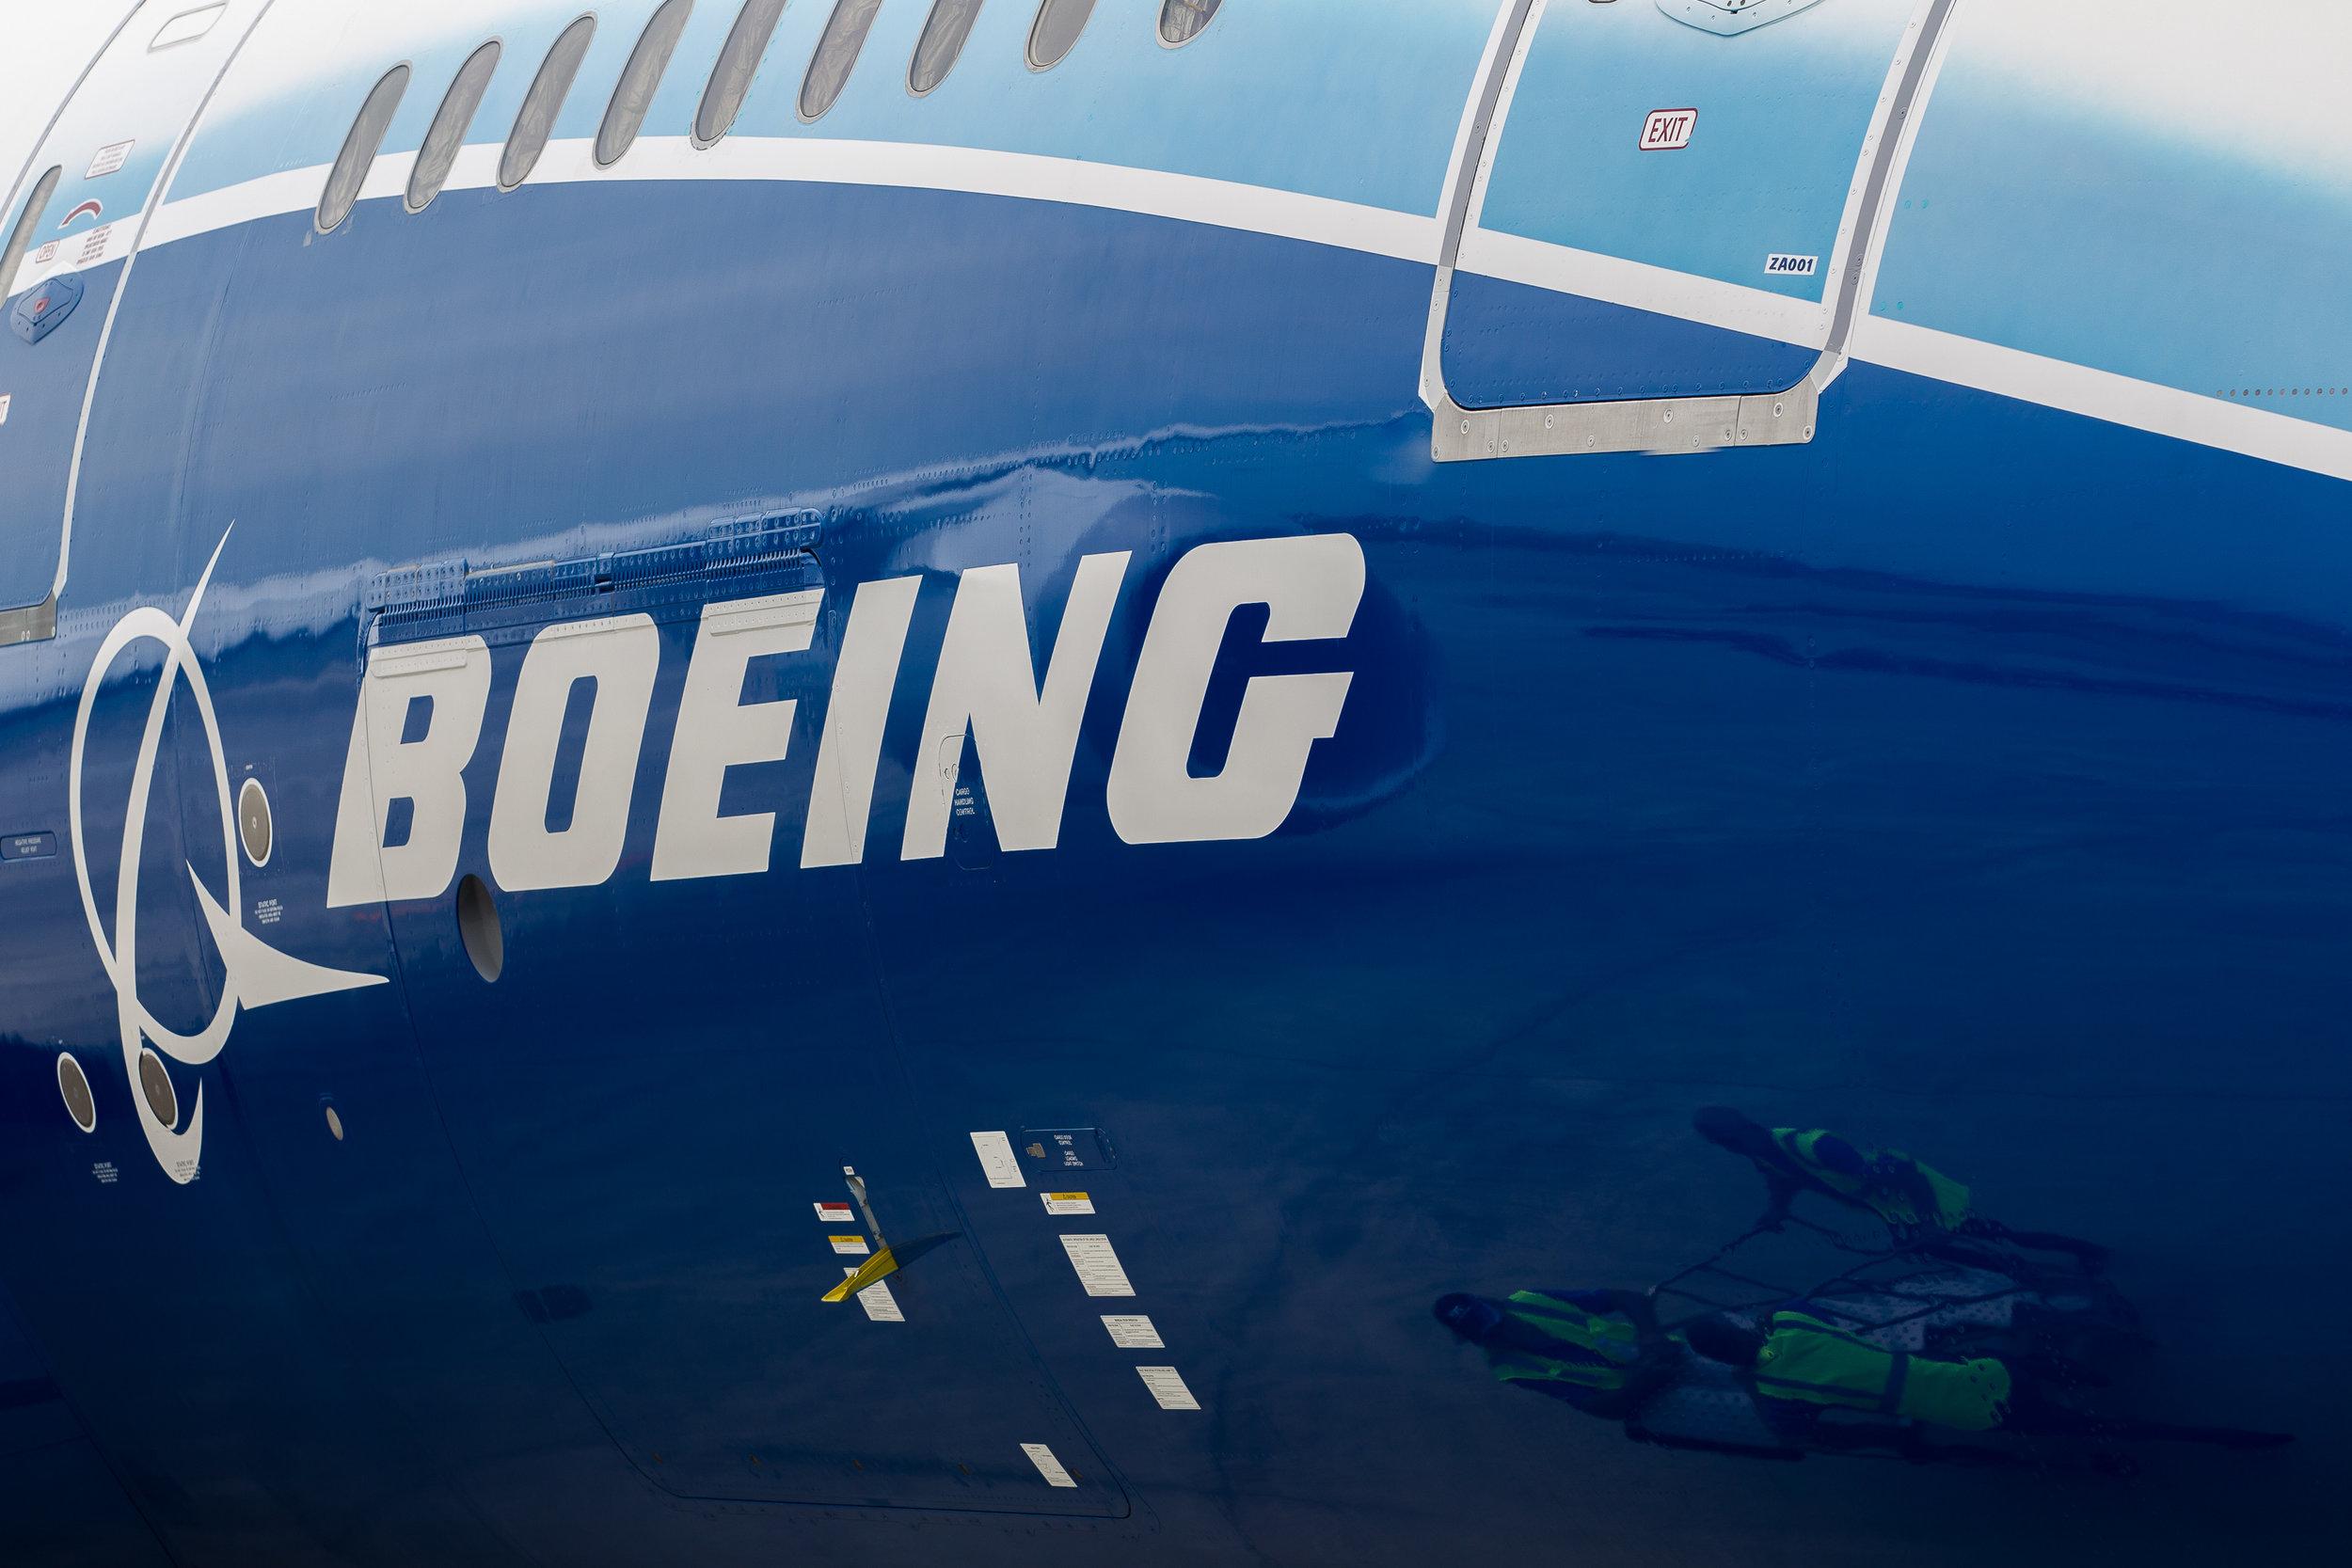 787 Dreamliner shot for Boeing